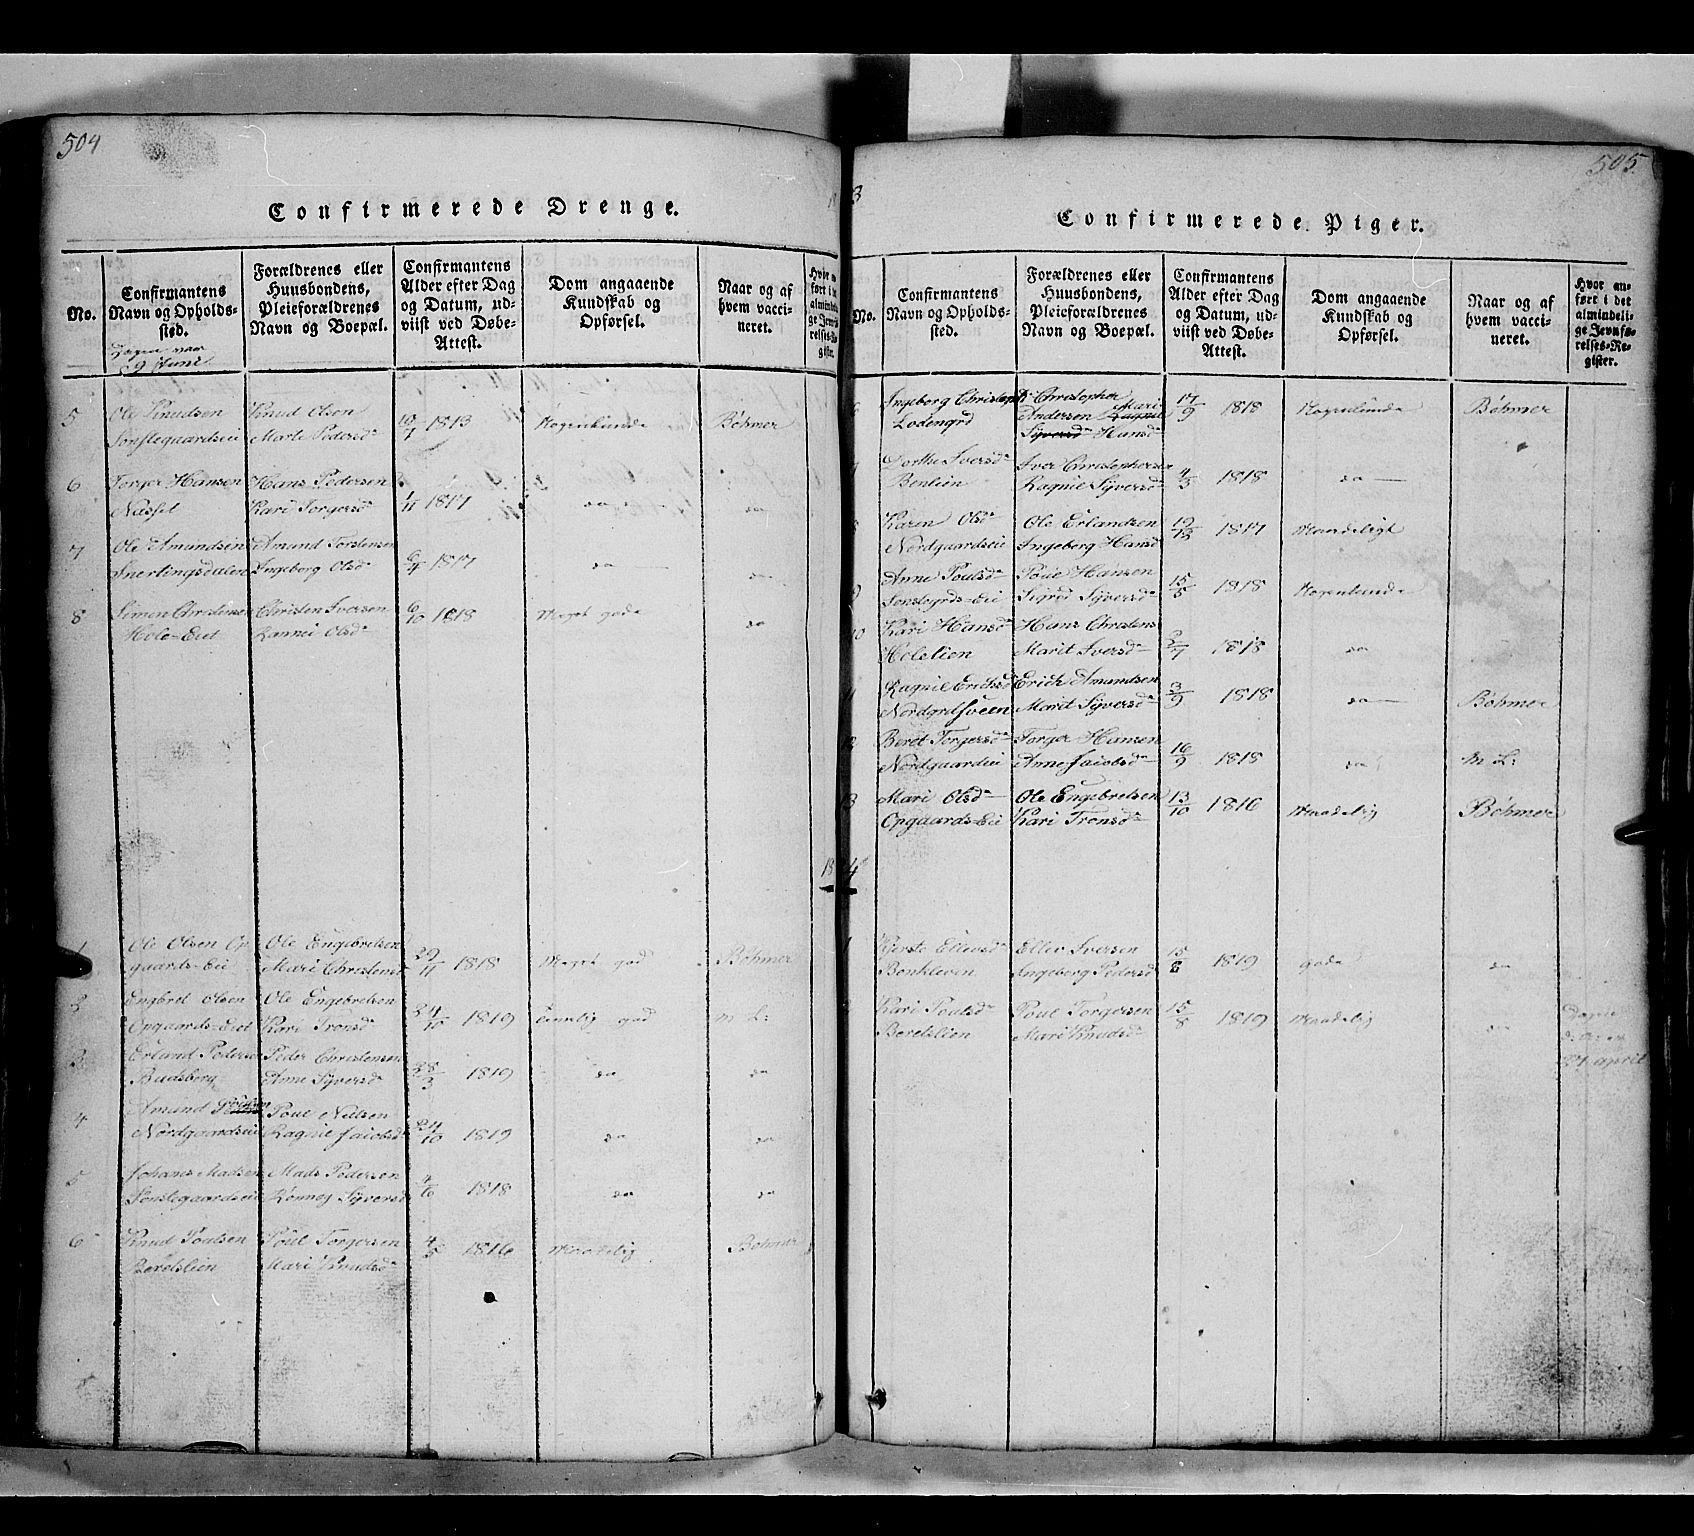 SAH, Gausdal prestekontor, Klokkerbok nr. 2, 1818-1874, s. 504-505